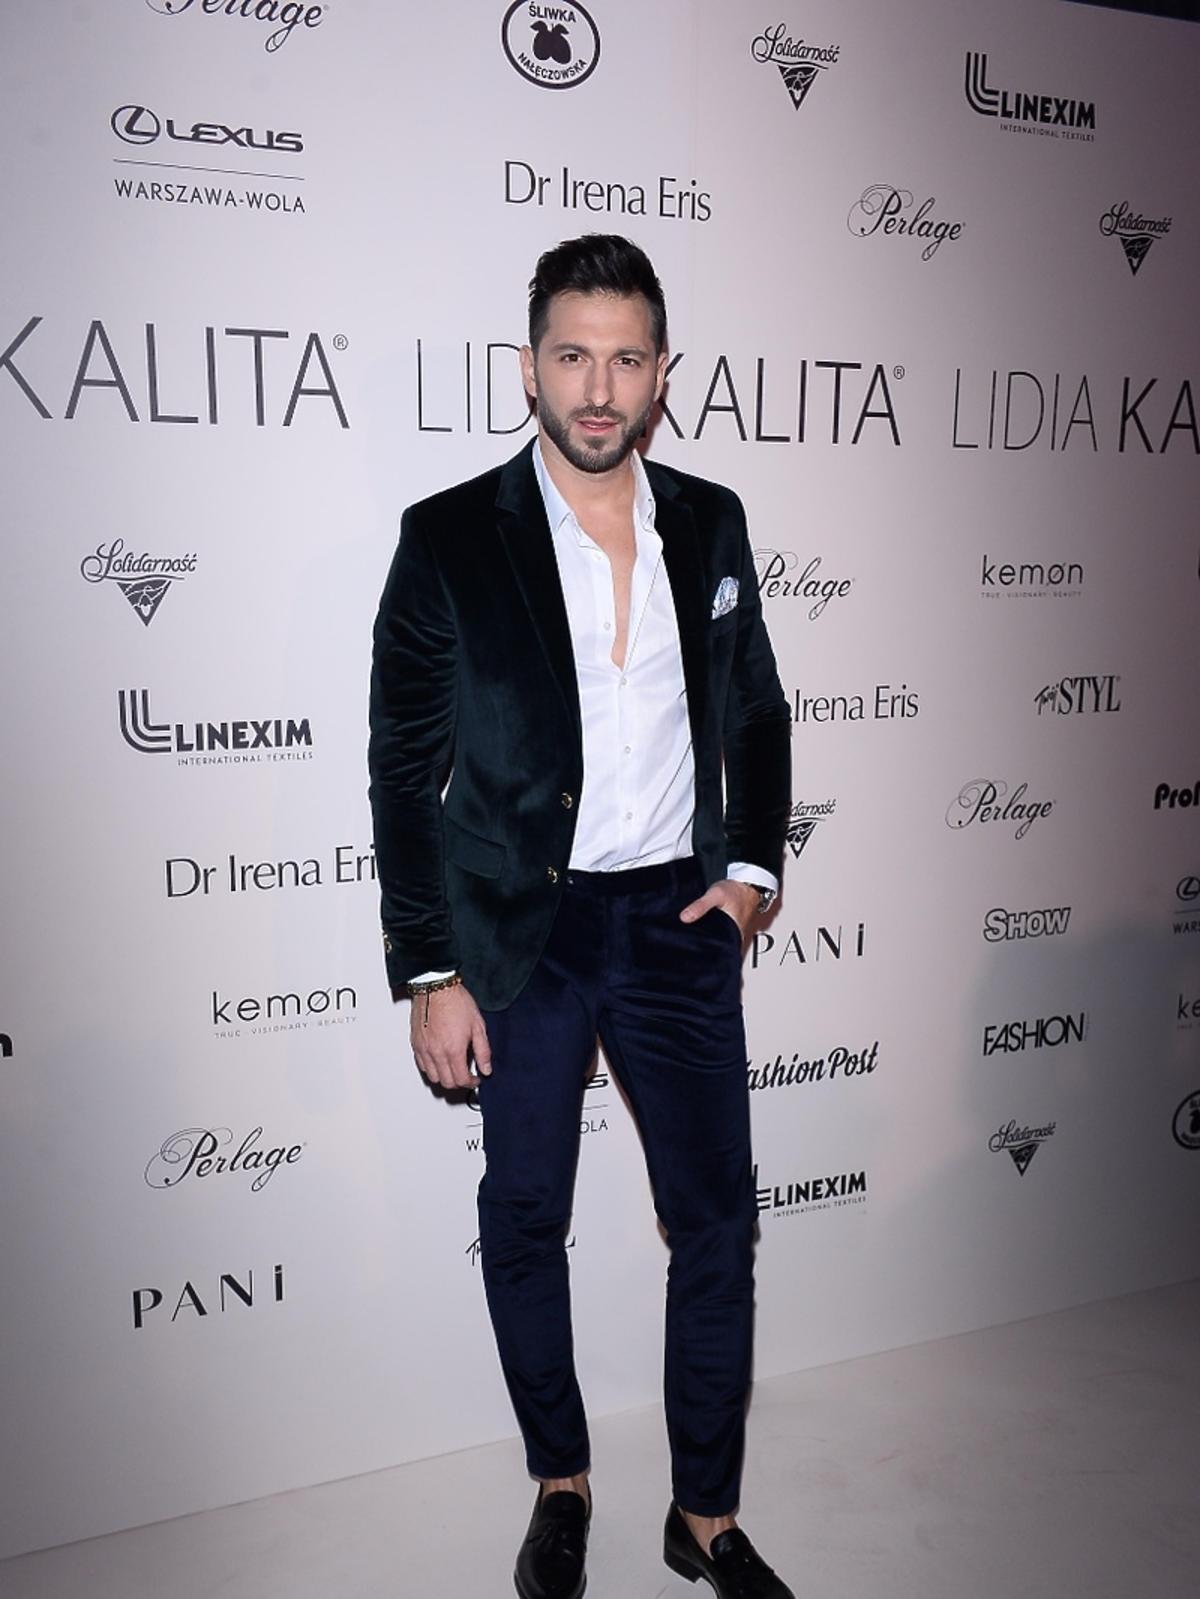 Rafał Maślak na pokazie kolekcji Lidii Kality